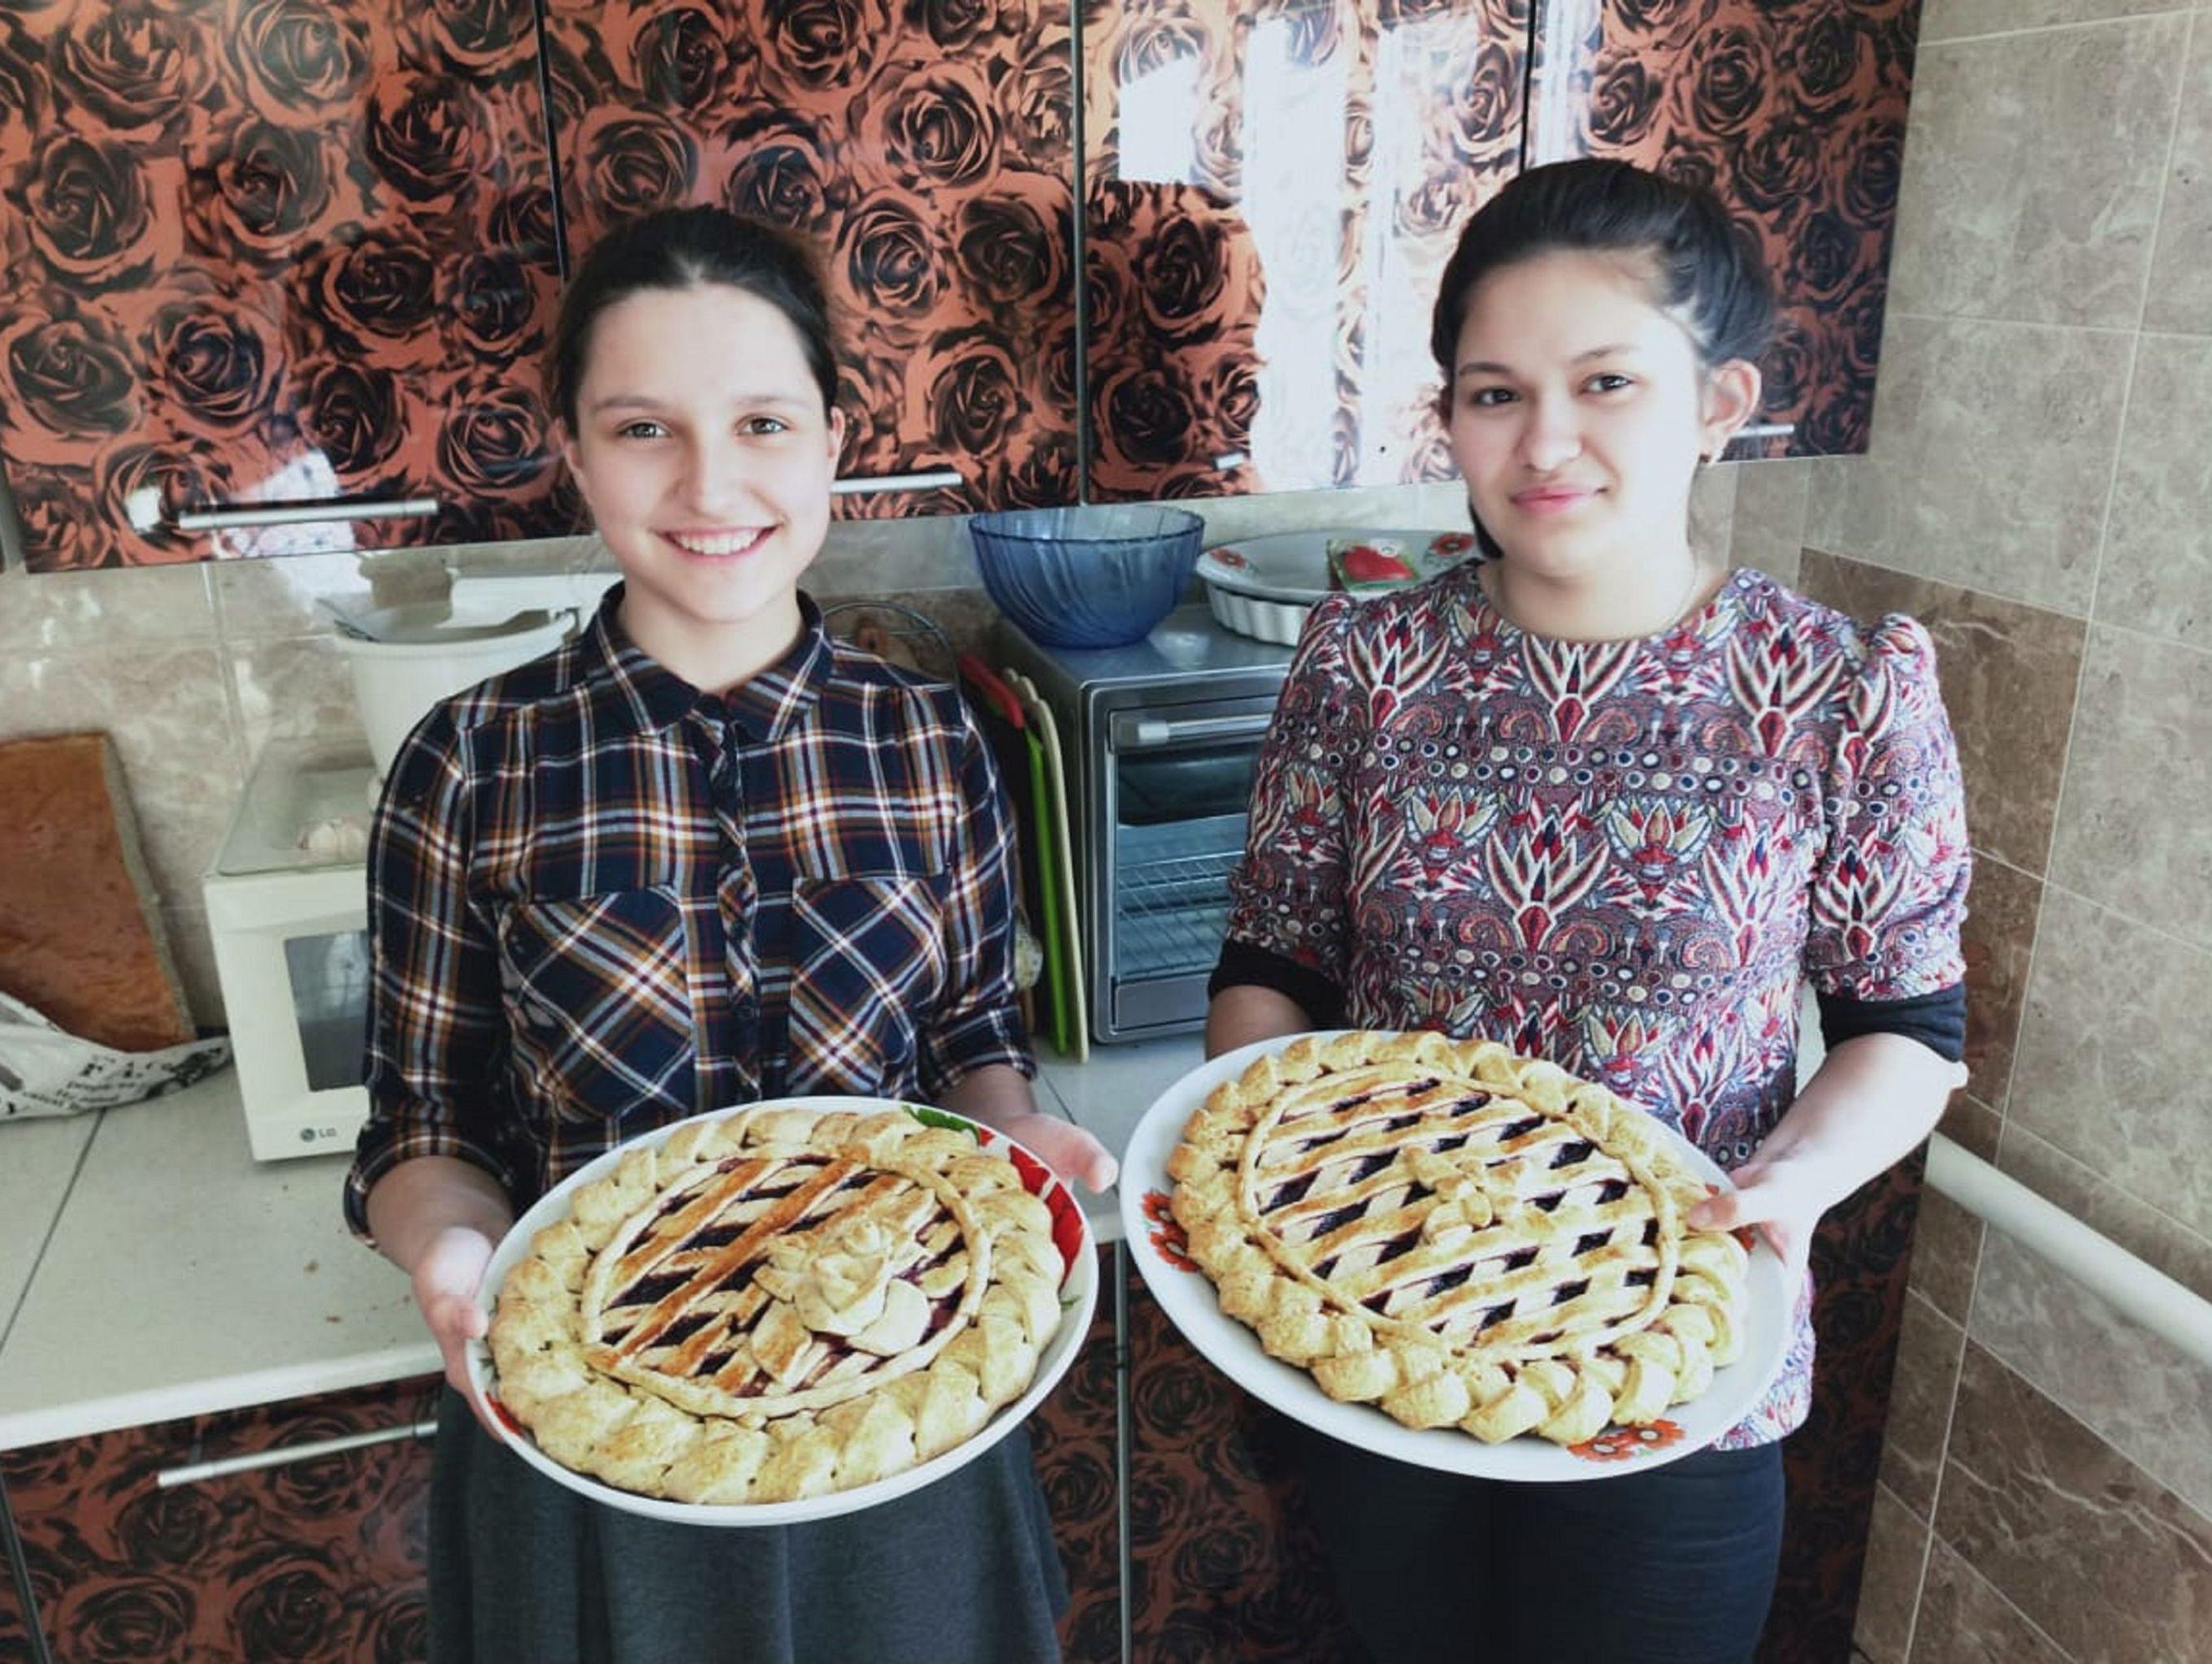 Красиво и вкусно: вот какие пироги пекут дочери в семье Кабылбаевых